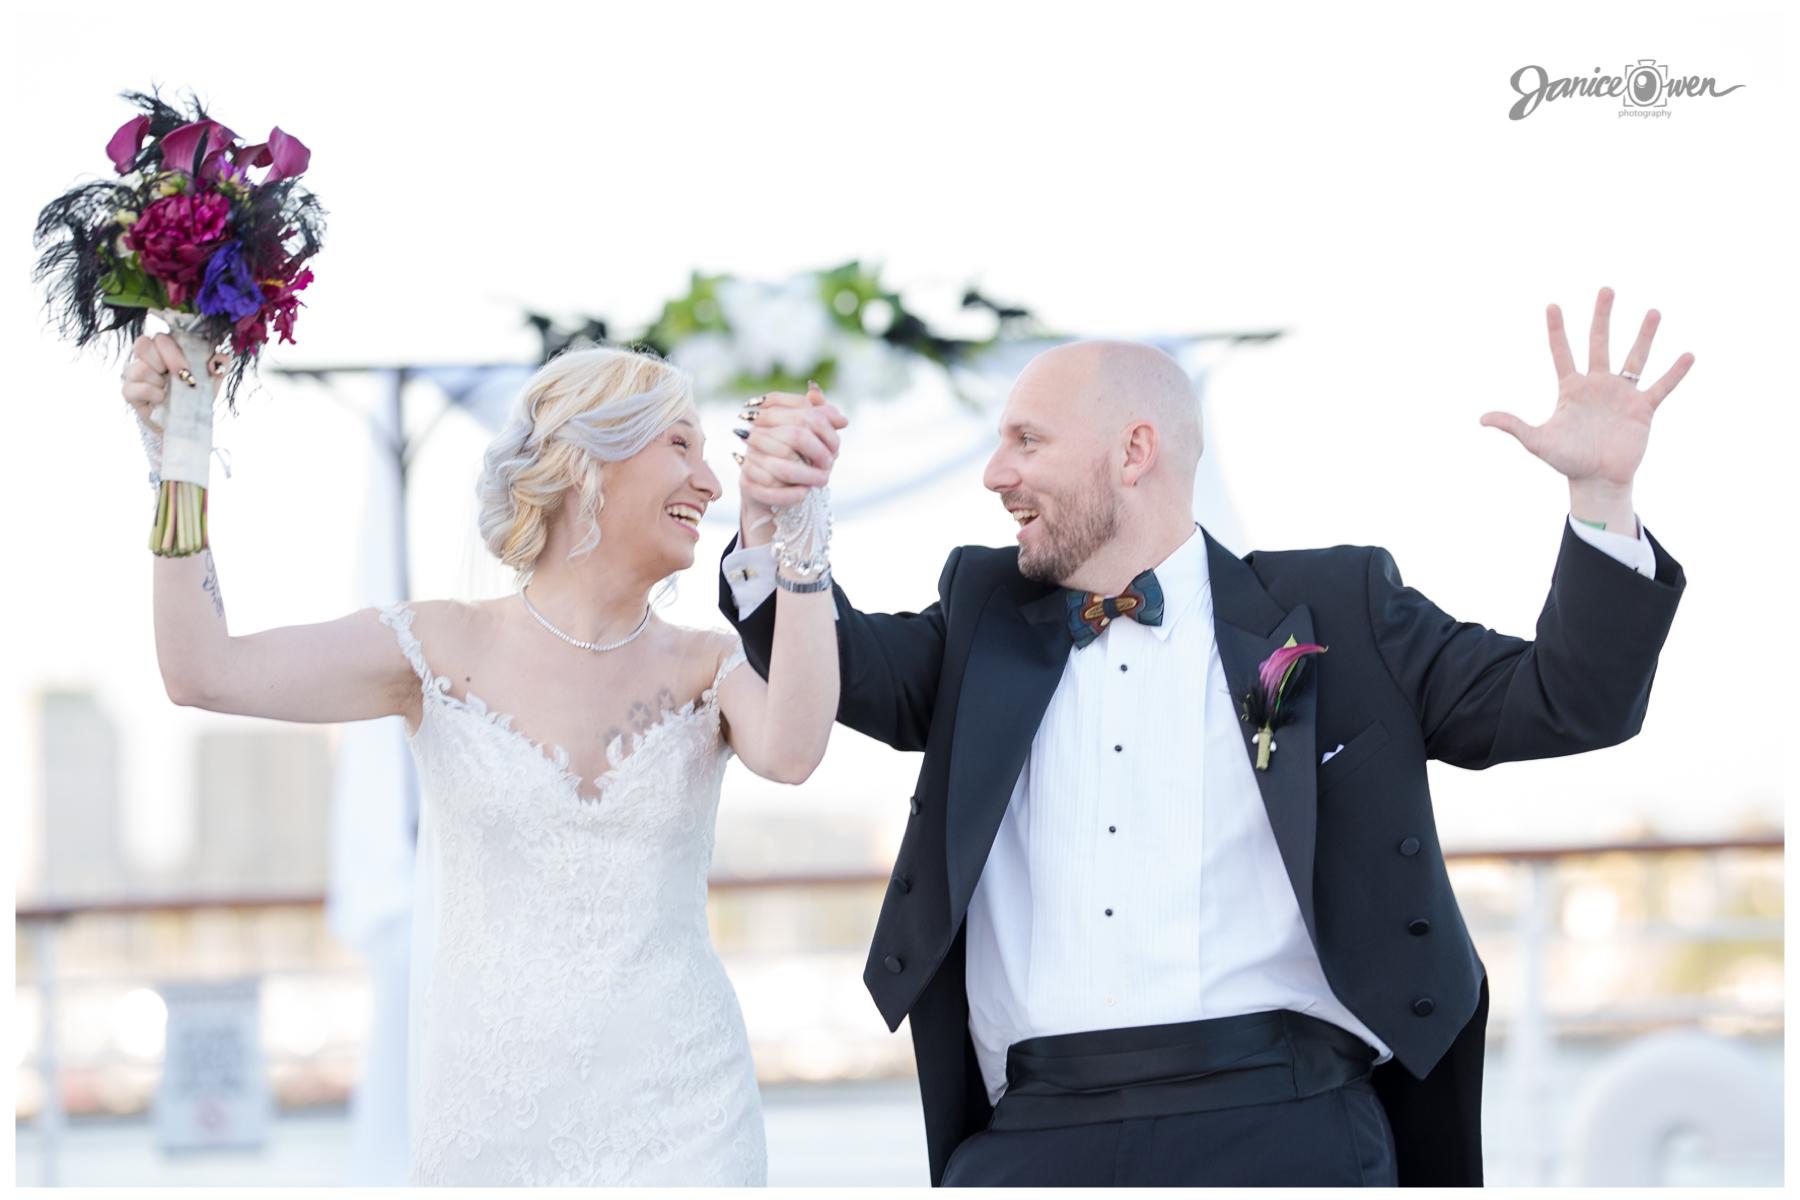 janiceowenphotography_wedding56.jpg